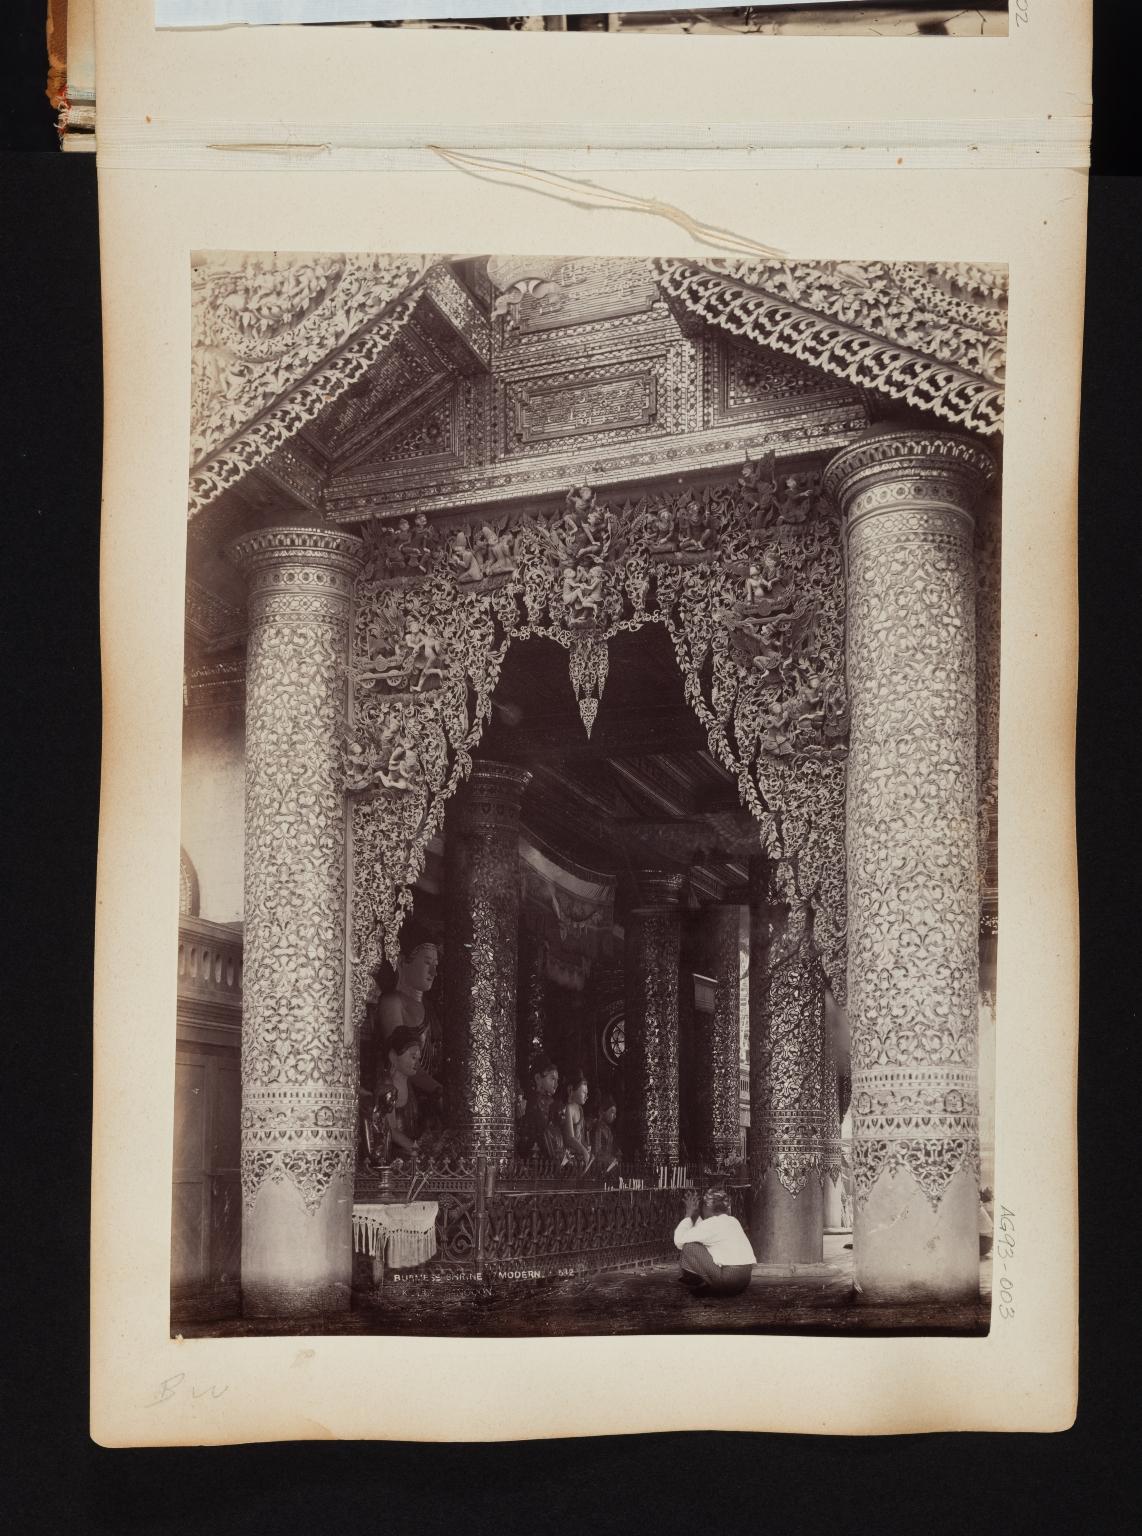 Burmese Shrine in Rangoon, Burma.